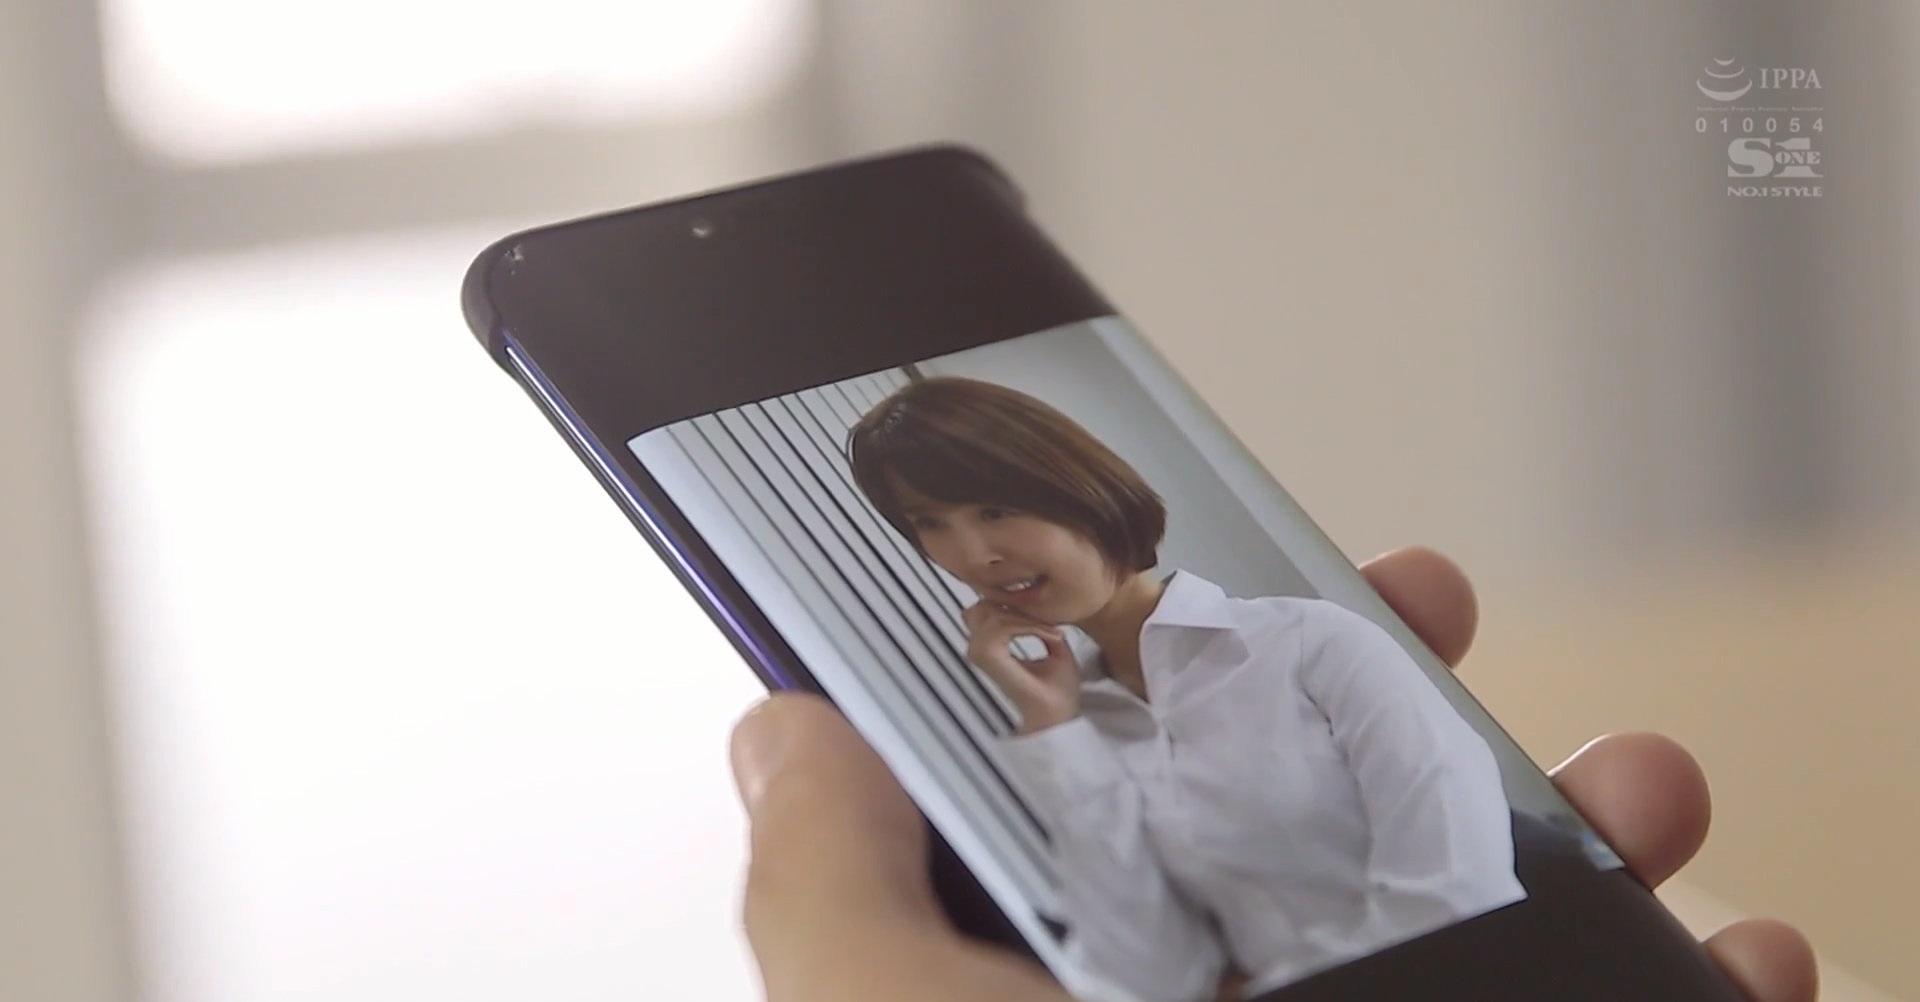 华为手机这么好用吗? 涨姿势 热图6